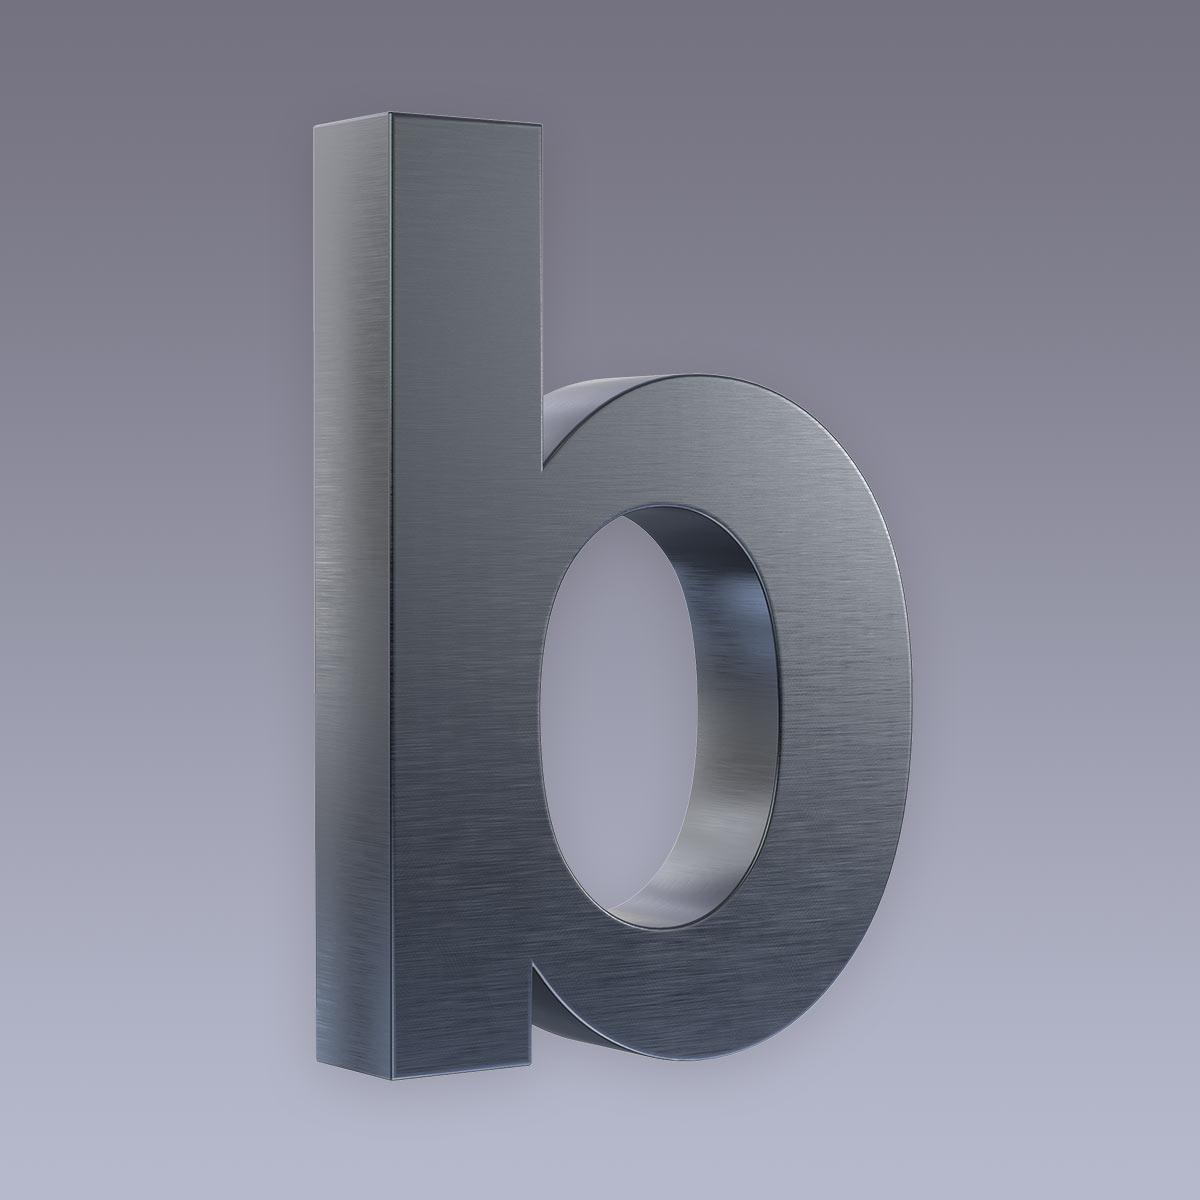 3D Hausnummer b Edelstahl anthrazit RAL7016 in 3D Design Arial